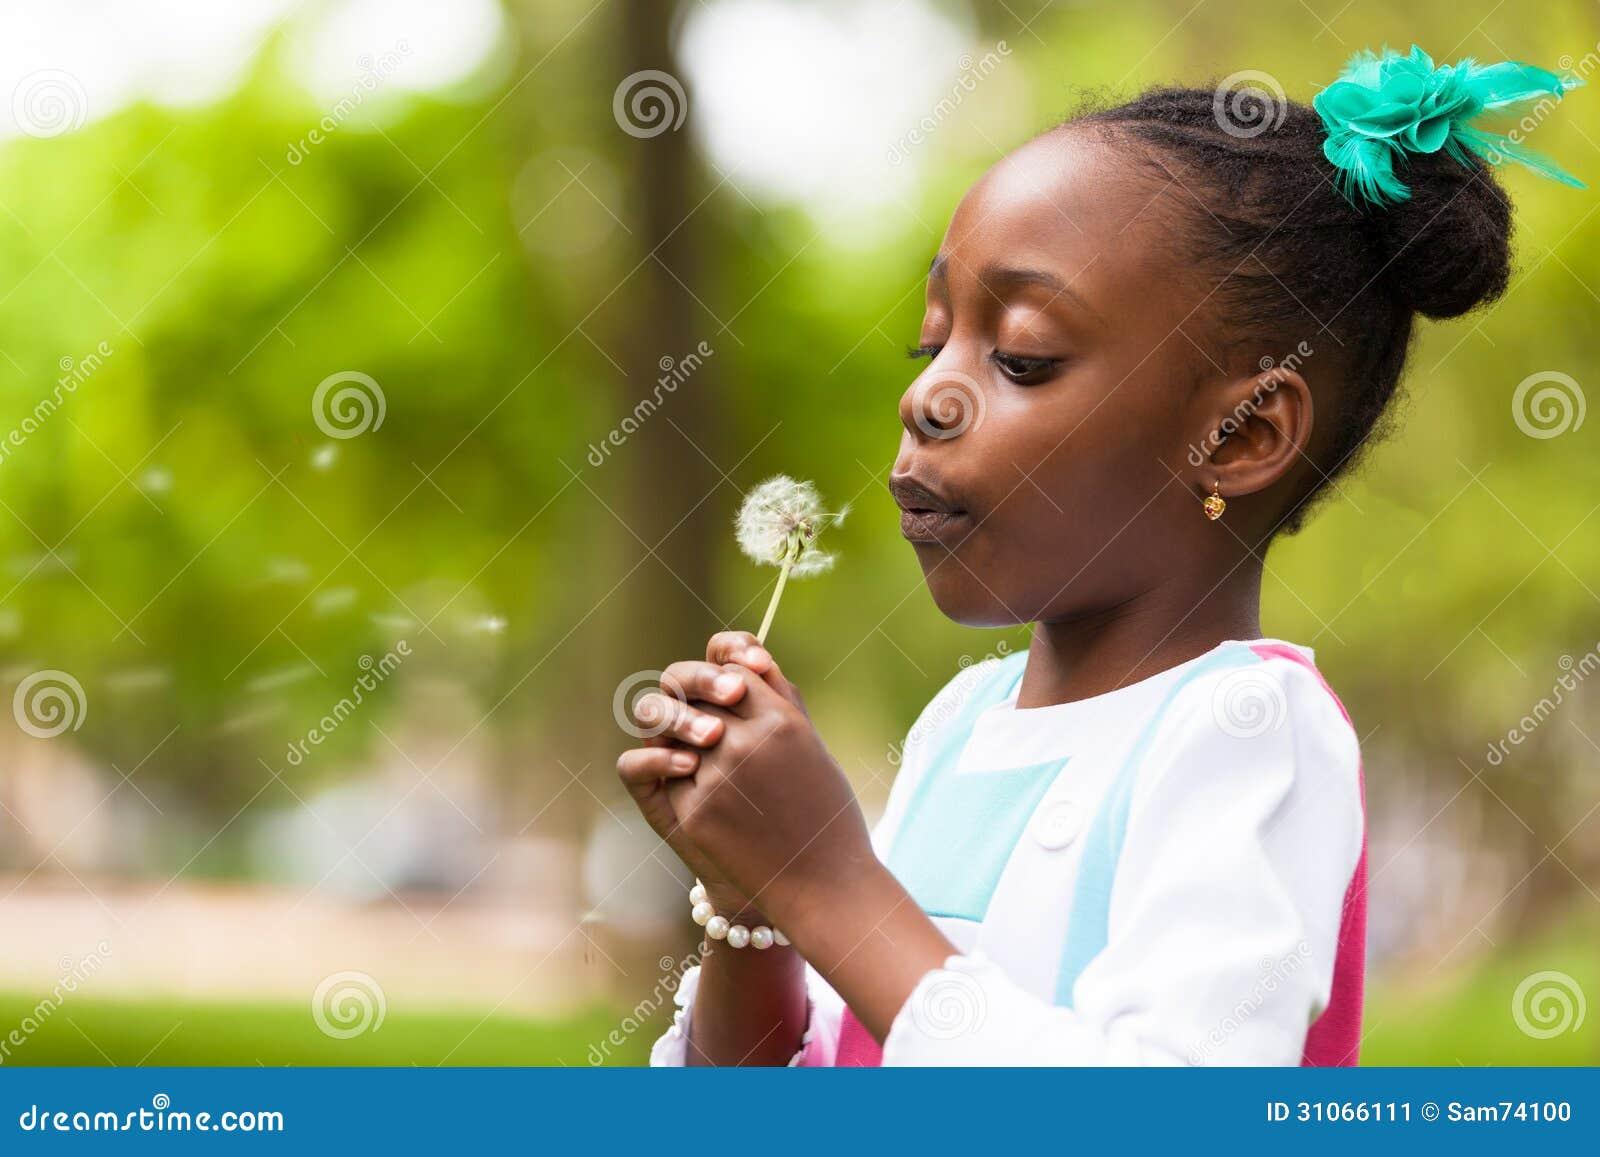 Porträt im Freien eines netten jungen schwarzen Mädchens, das einen Löwenzahn durchbrennt